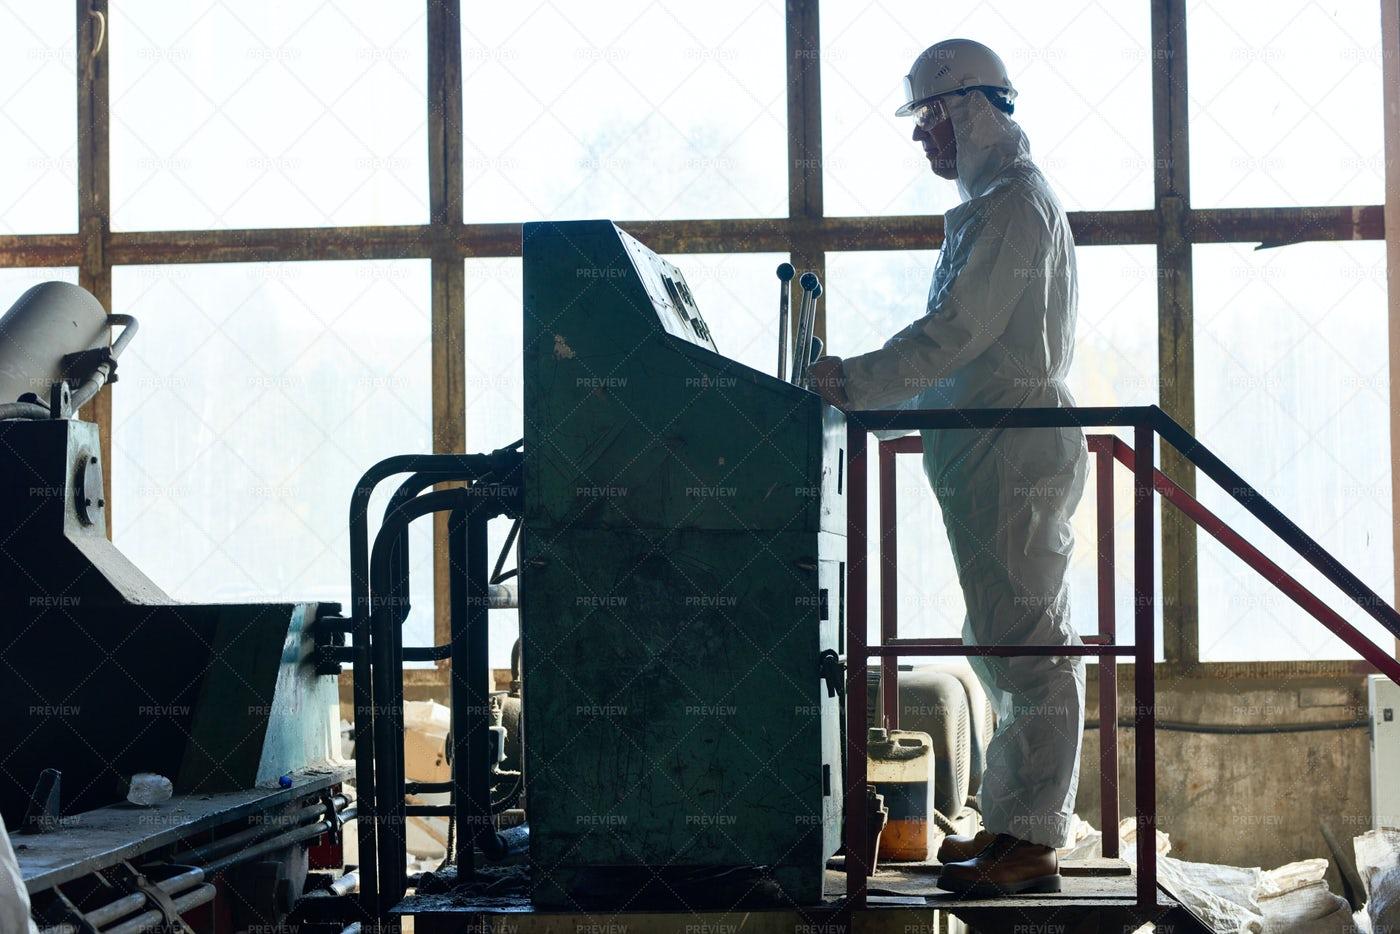 Biohazard Work At Factory: Stock Photos